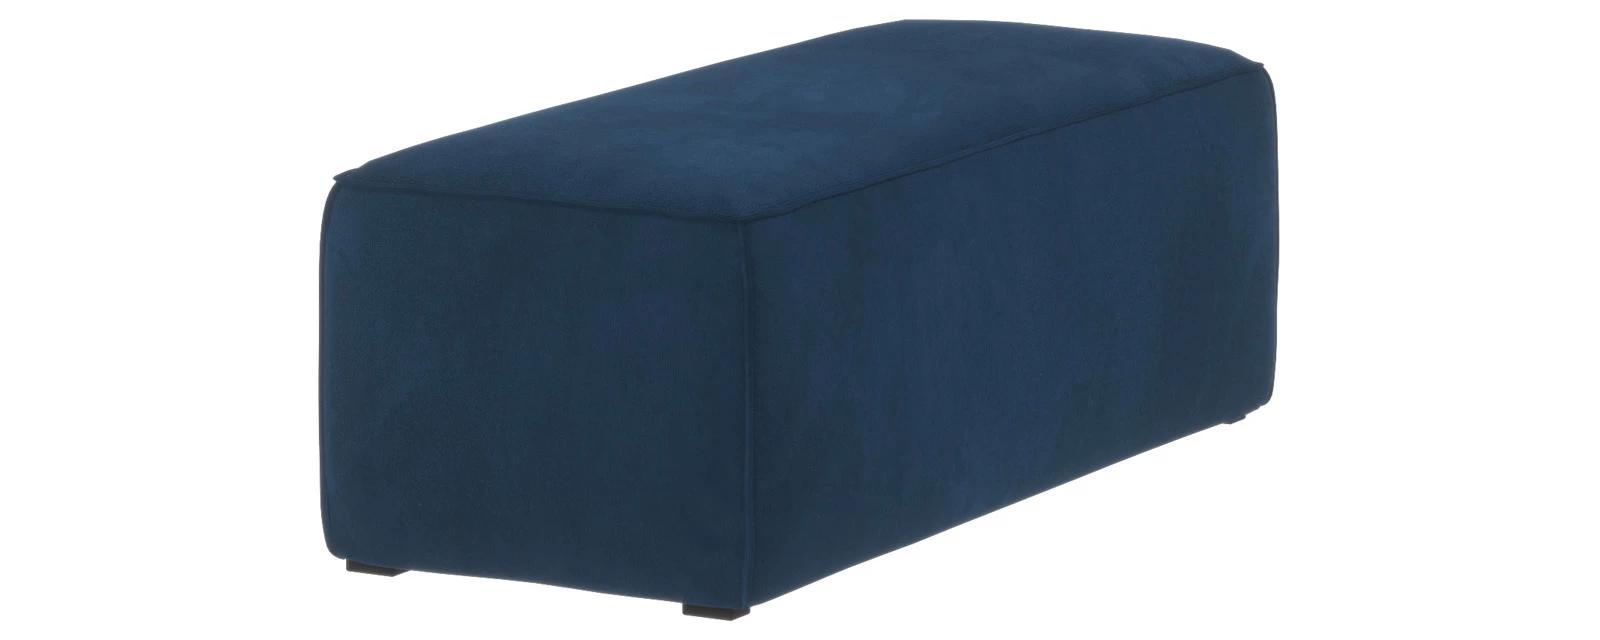 Банкетка Портленд Soft тёмно-синий (Вел-флок, левый)